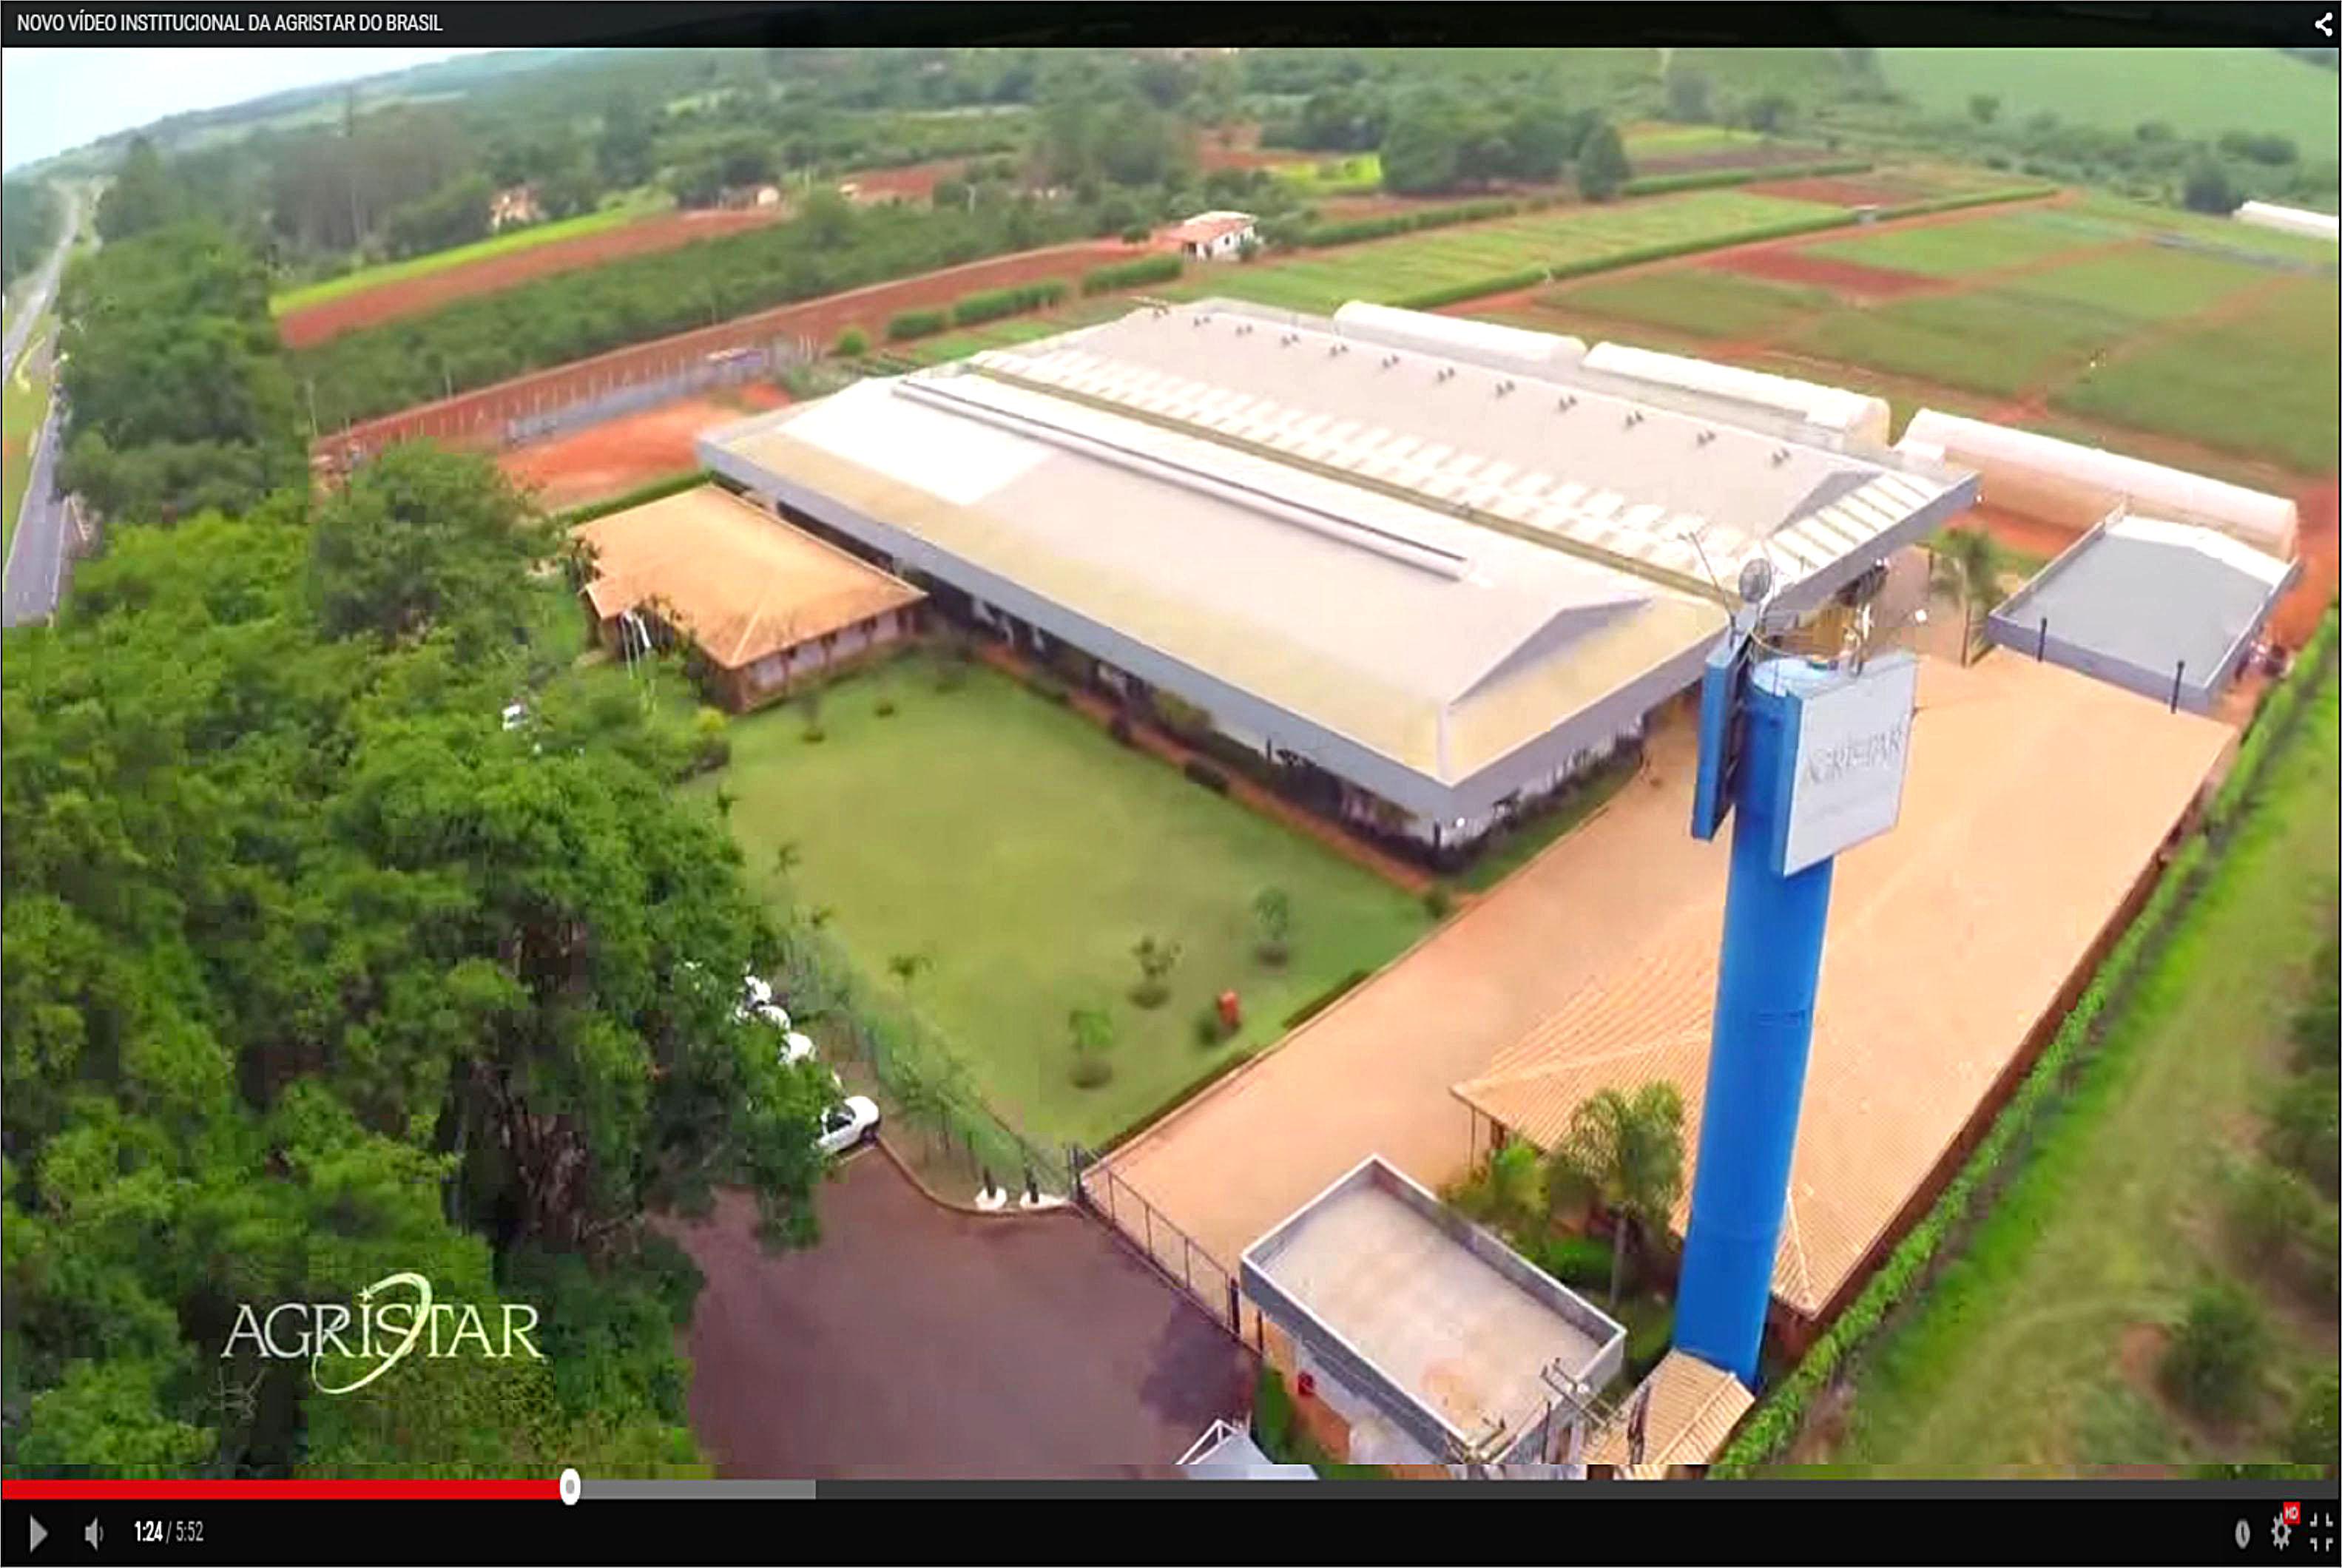 Novo Vídeo Institucional da Agristar do Brasil